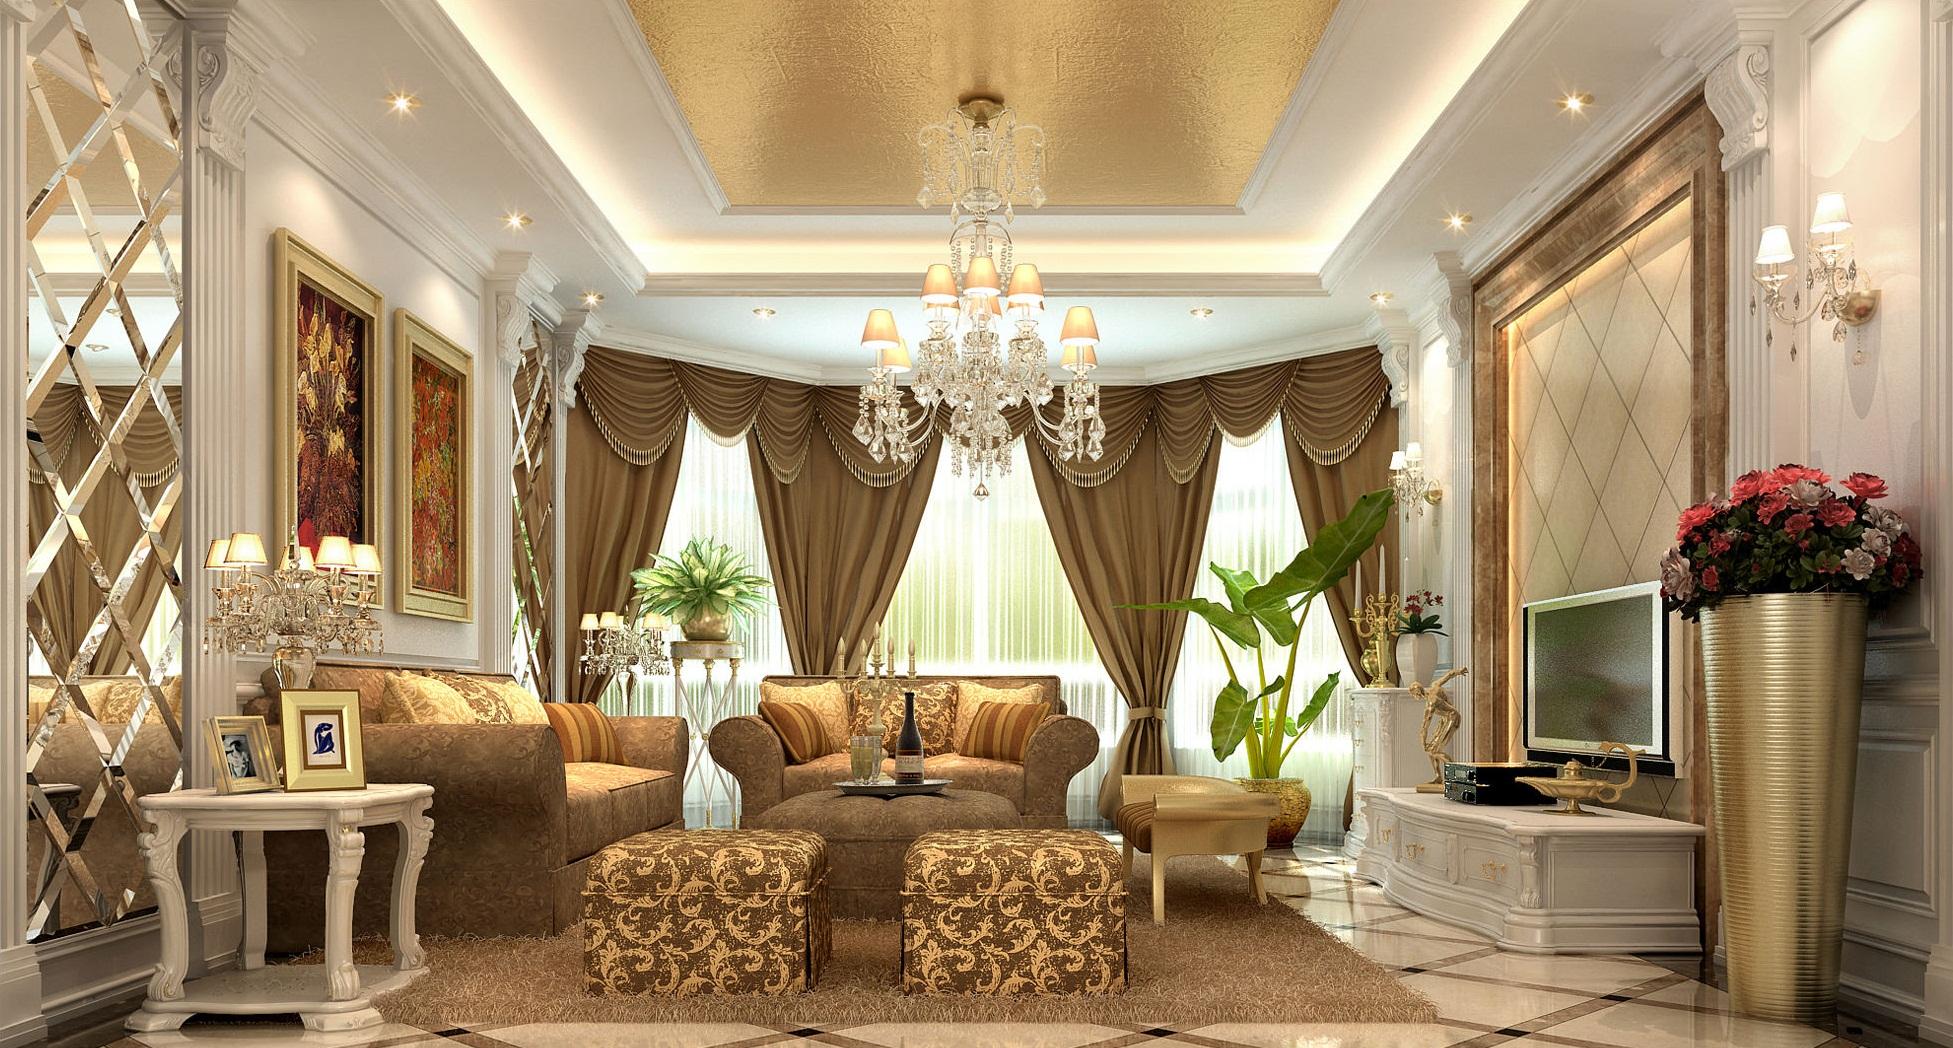 Плюс штор для гостиной в классическом стиле в том, что они вегда выглядят модно и актуально